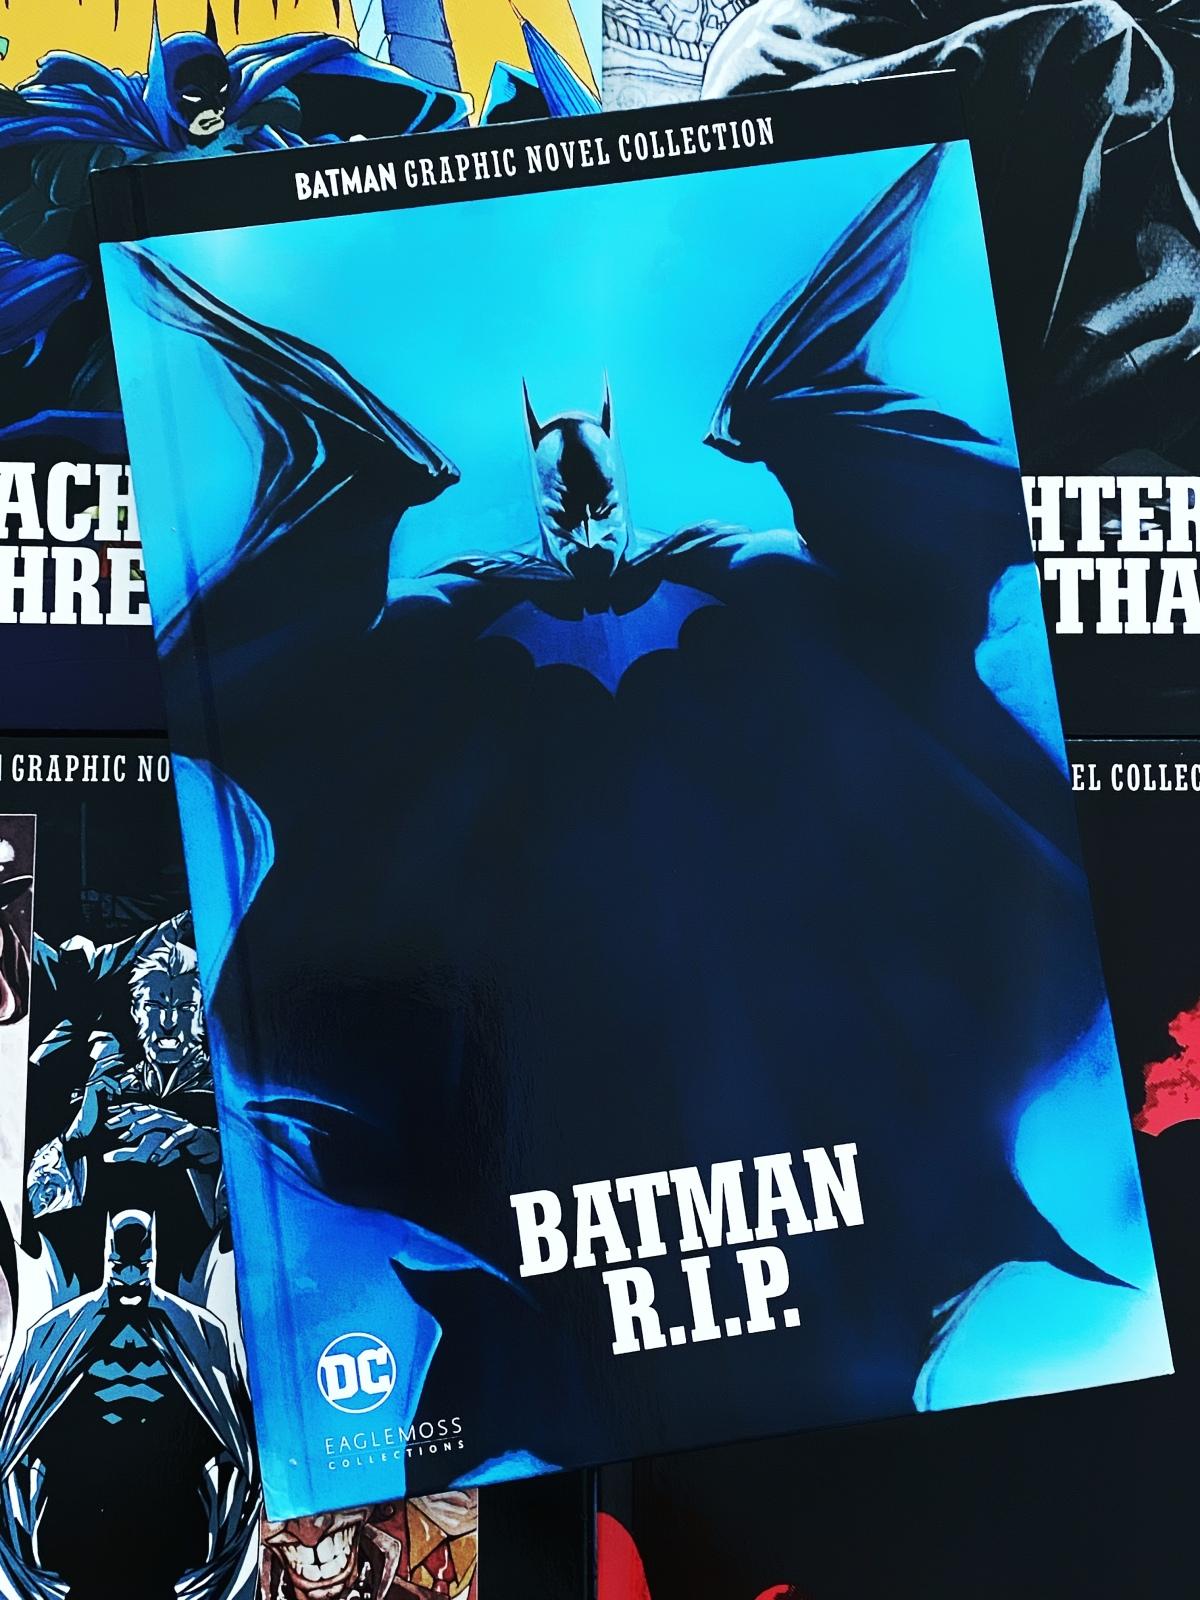 Batman R.I.P. | Review | Batman Graphic NovelCollection